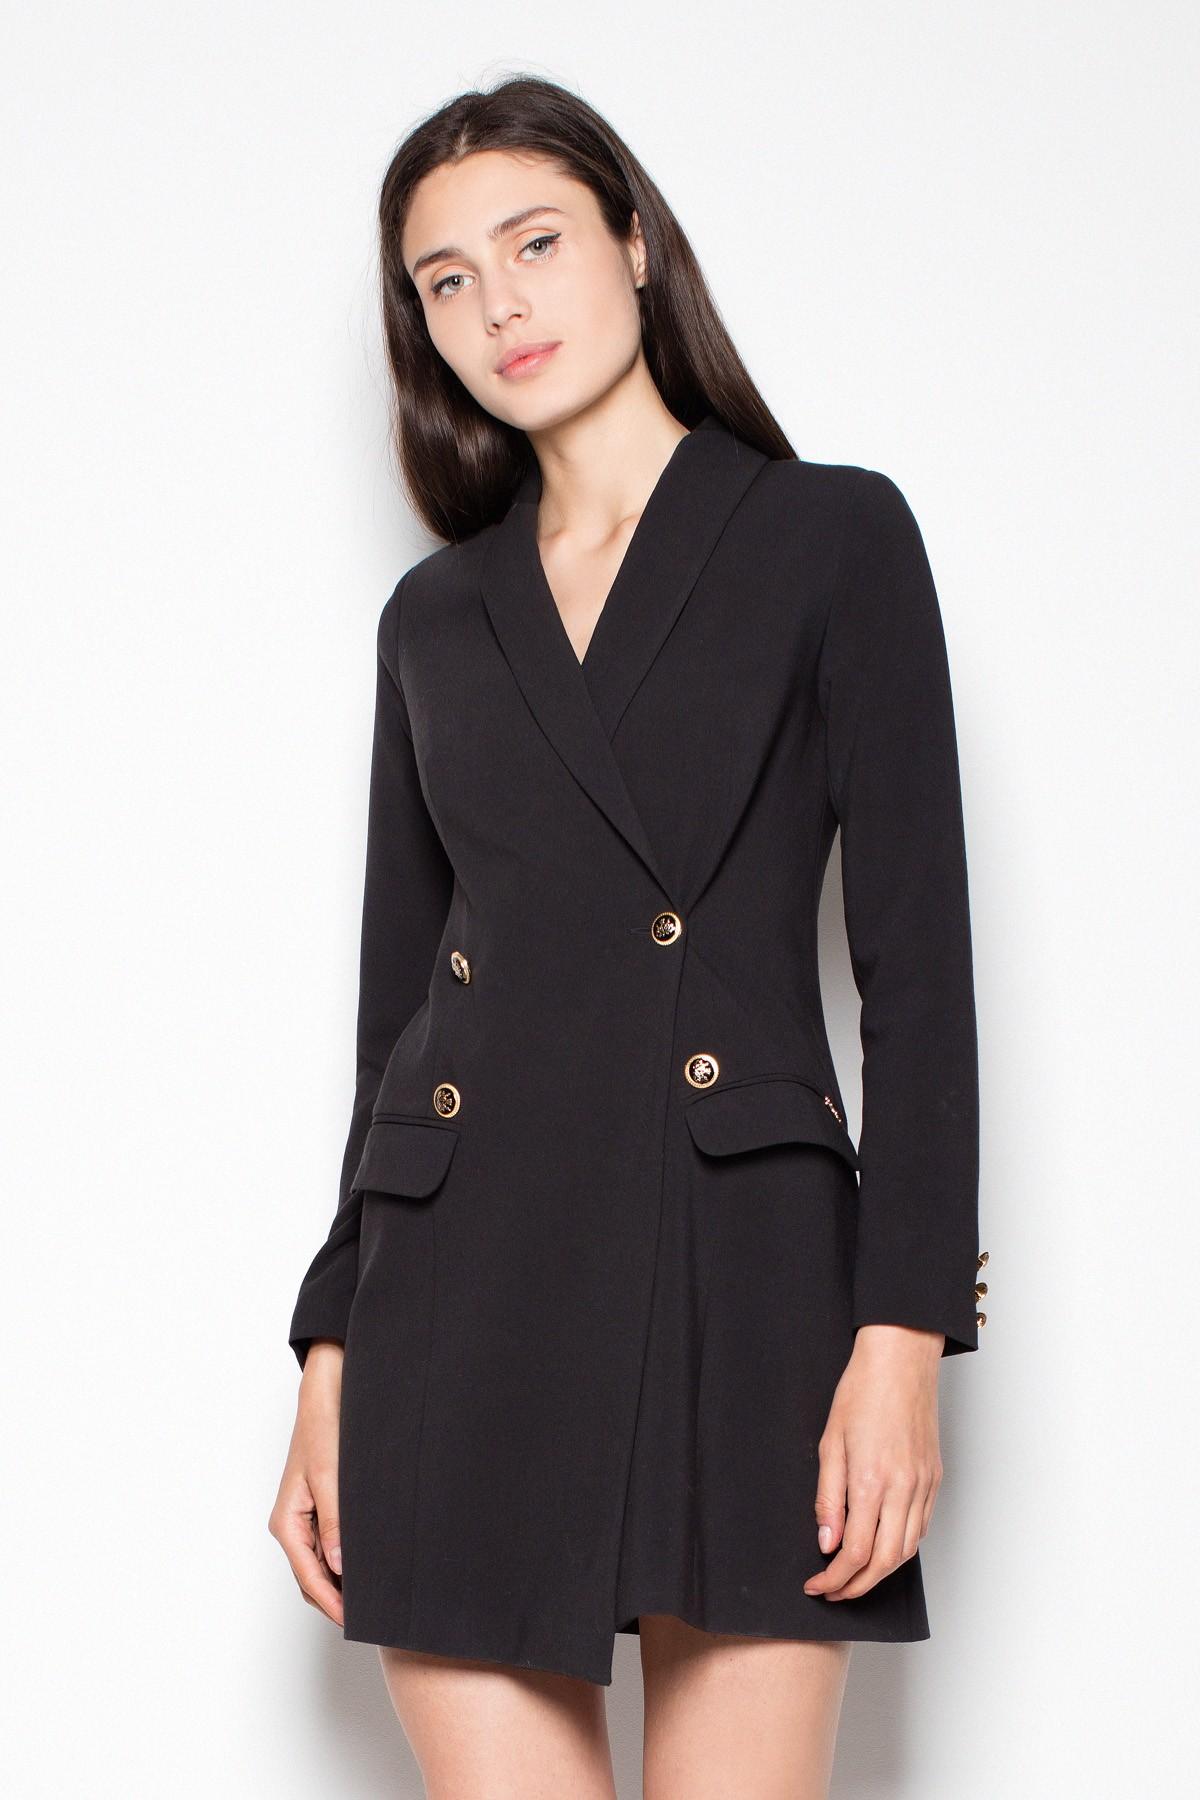 0f19af4e73 Sukienka żakietowa w kolorze czarnym - Wysyłka już od 5